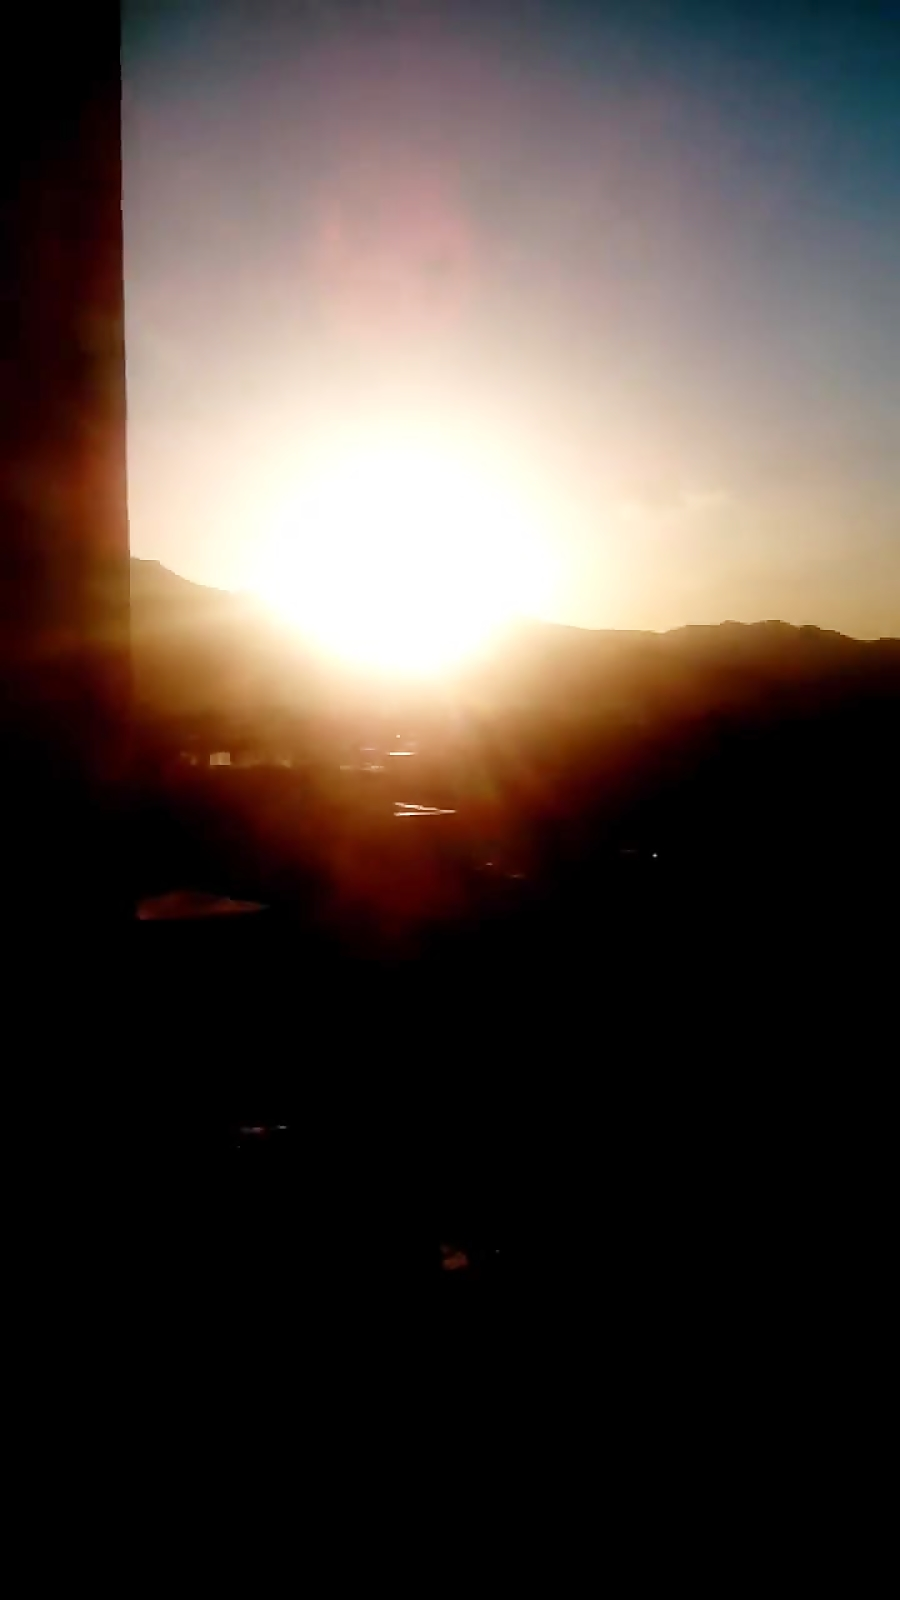 تصویر من از غروب خورشید